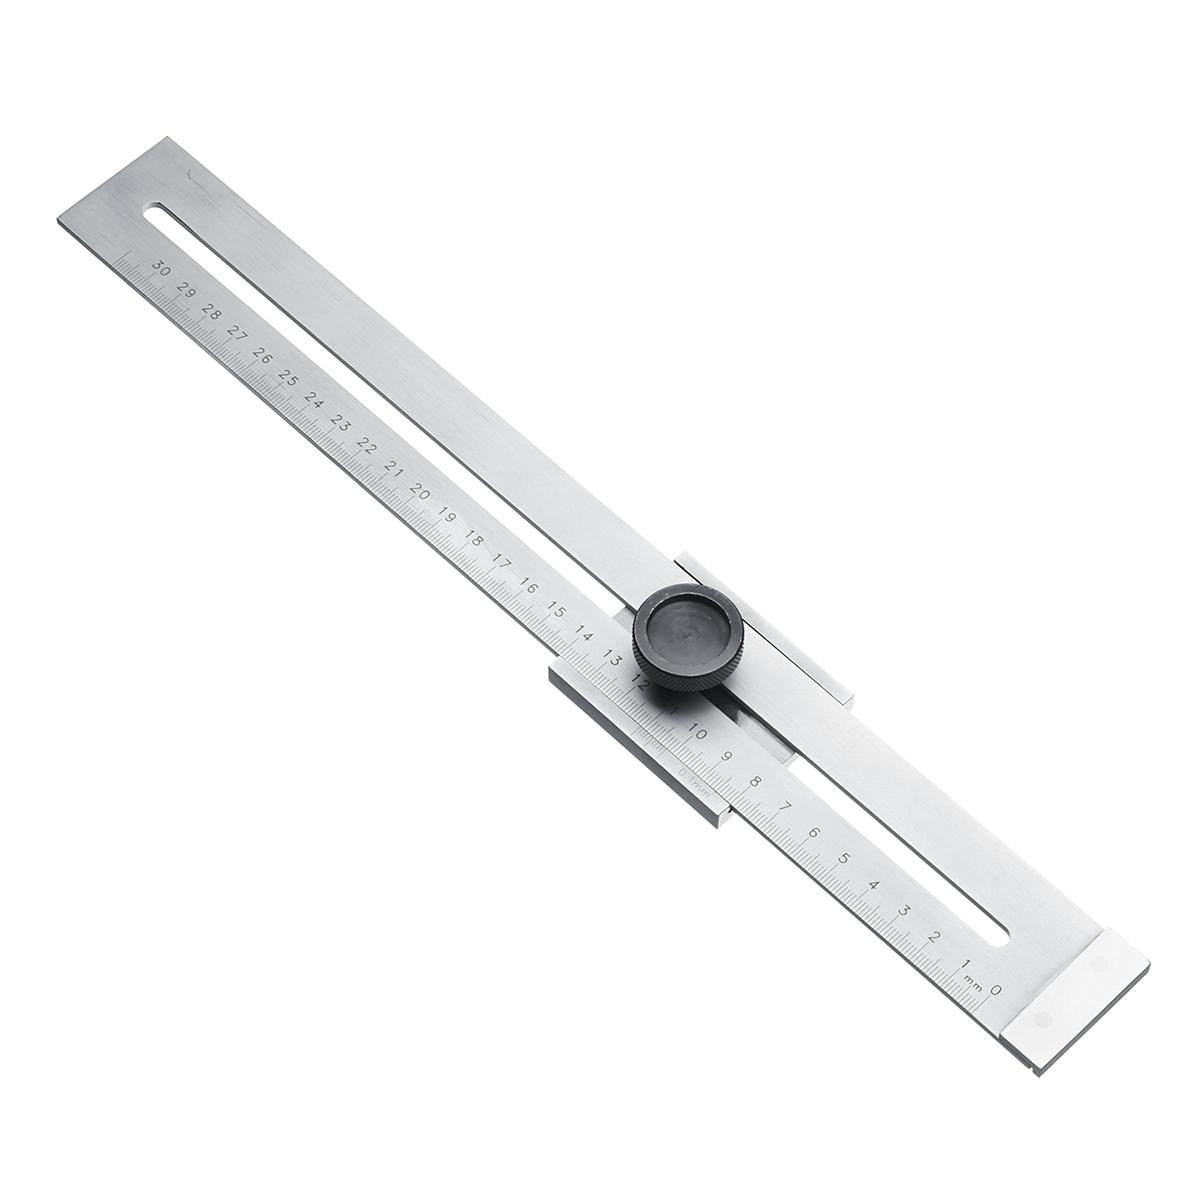 hauteur et jauge de marquage R/ègle de mesure dangle r/églable R/ègle dangle carr/é combin/ée Outil de mesure multifonctionnel en acier inoxydable de 300 mm Profondeur